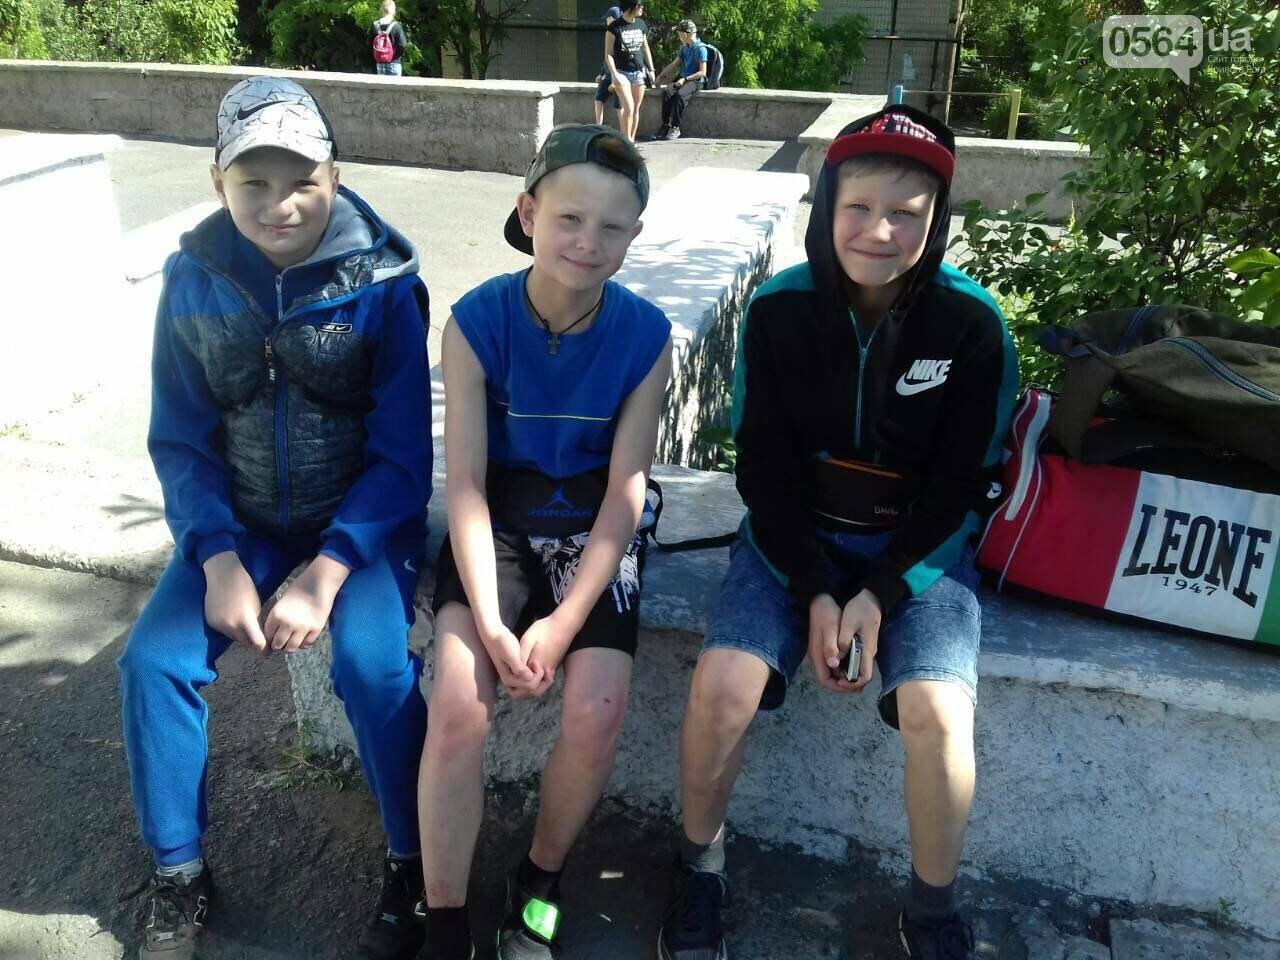 Юные криворожские спортсмены открыли летний сезон в спортивном лагере, - ФОТО, фото-1